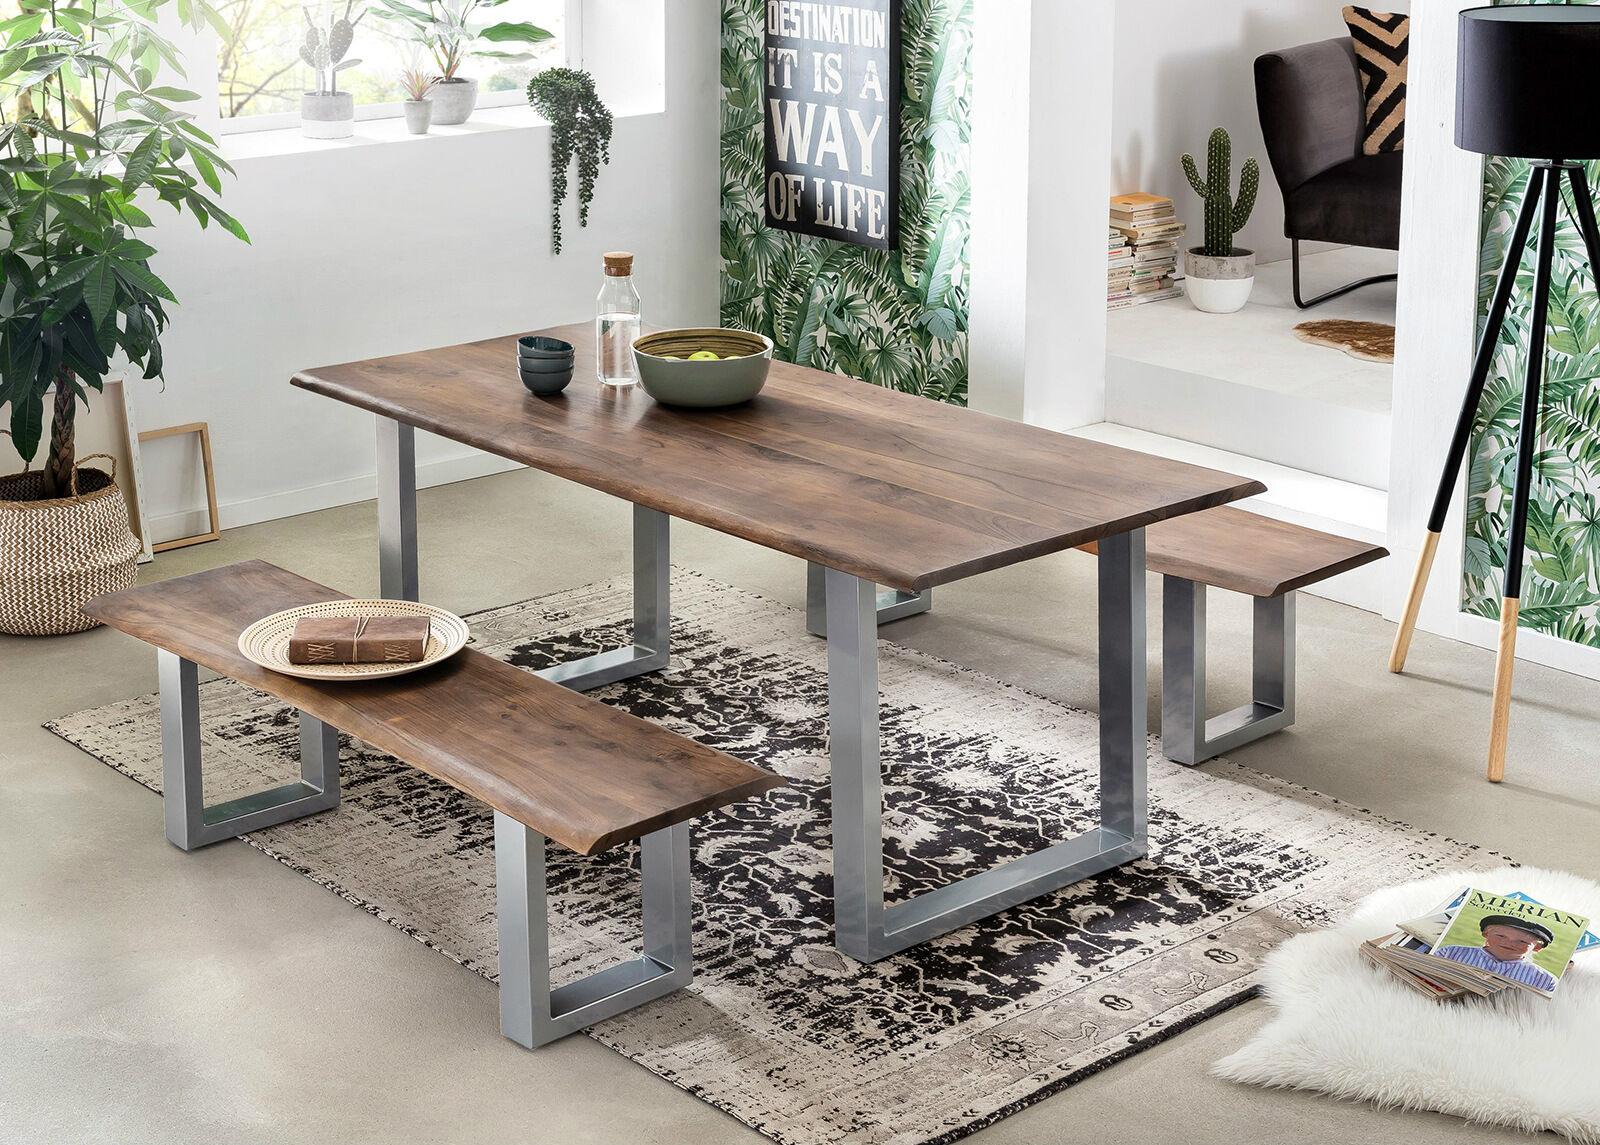 SIT Möbel Ruokapöytä Tische 85x160 cm